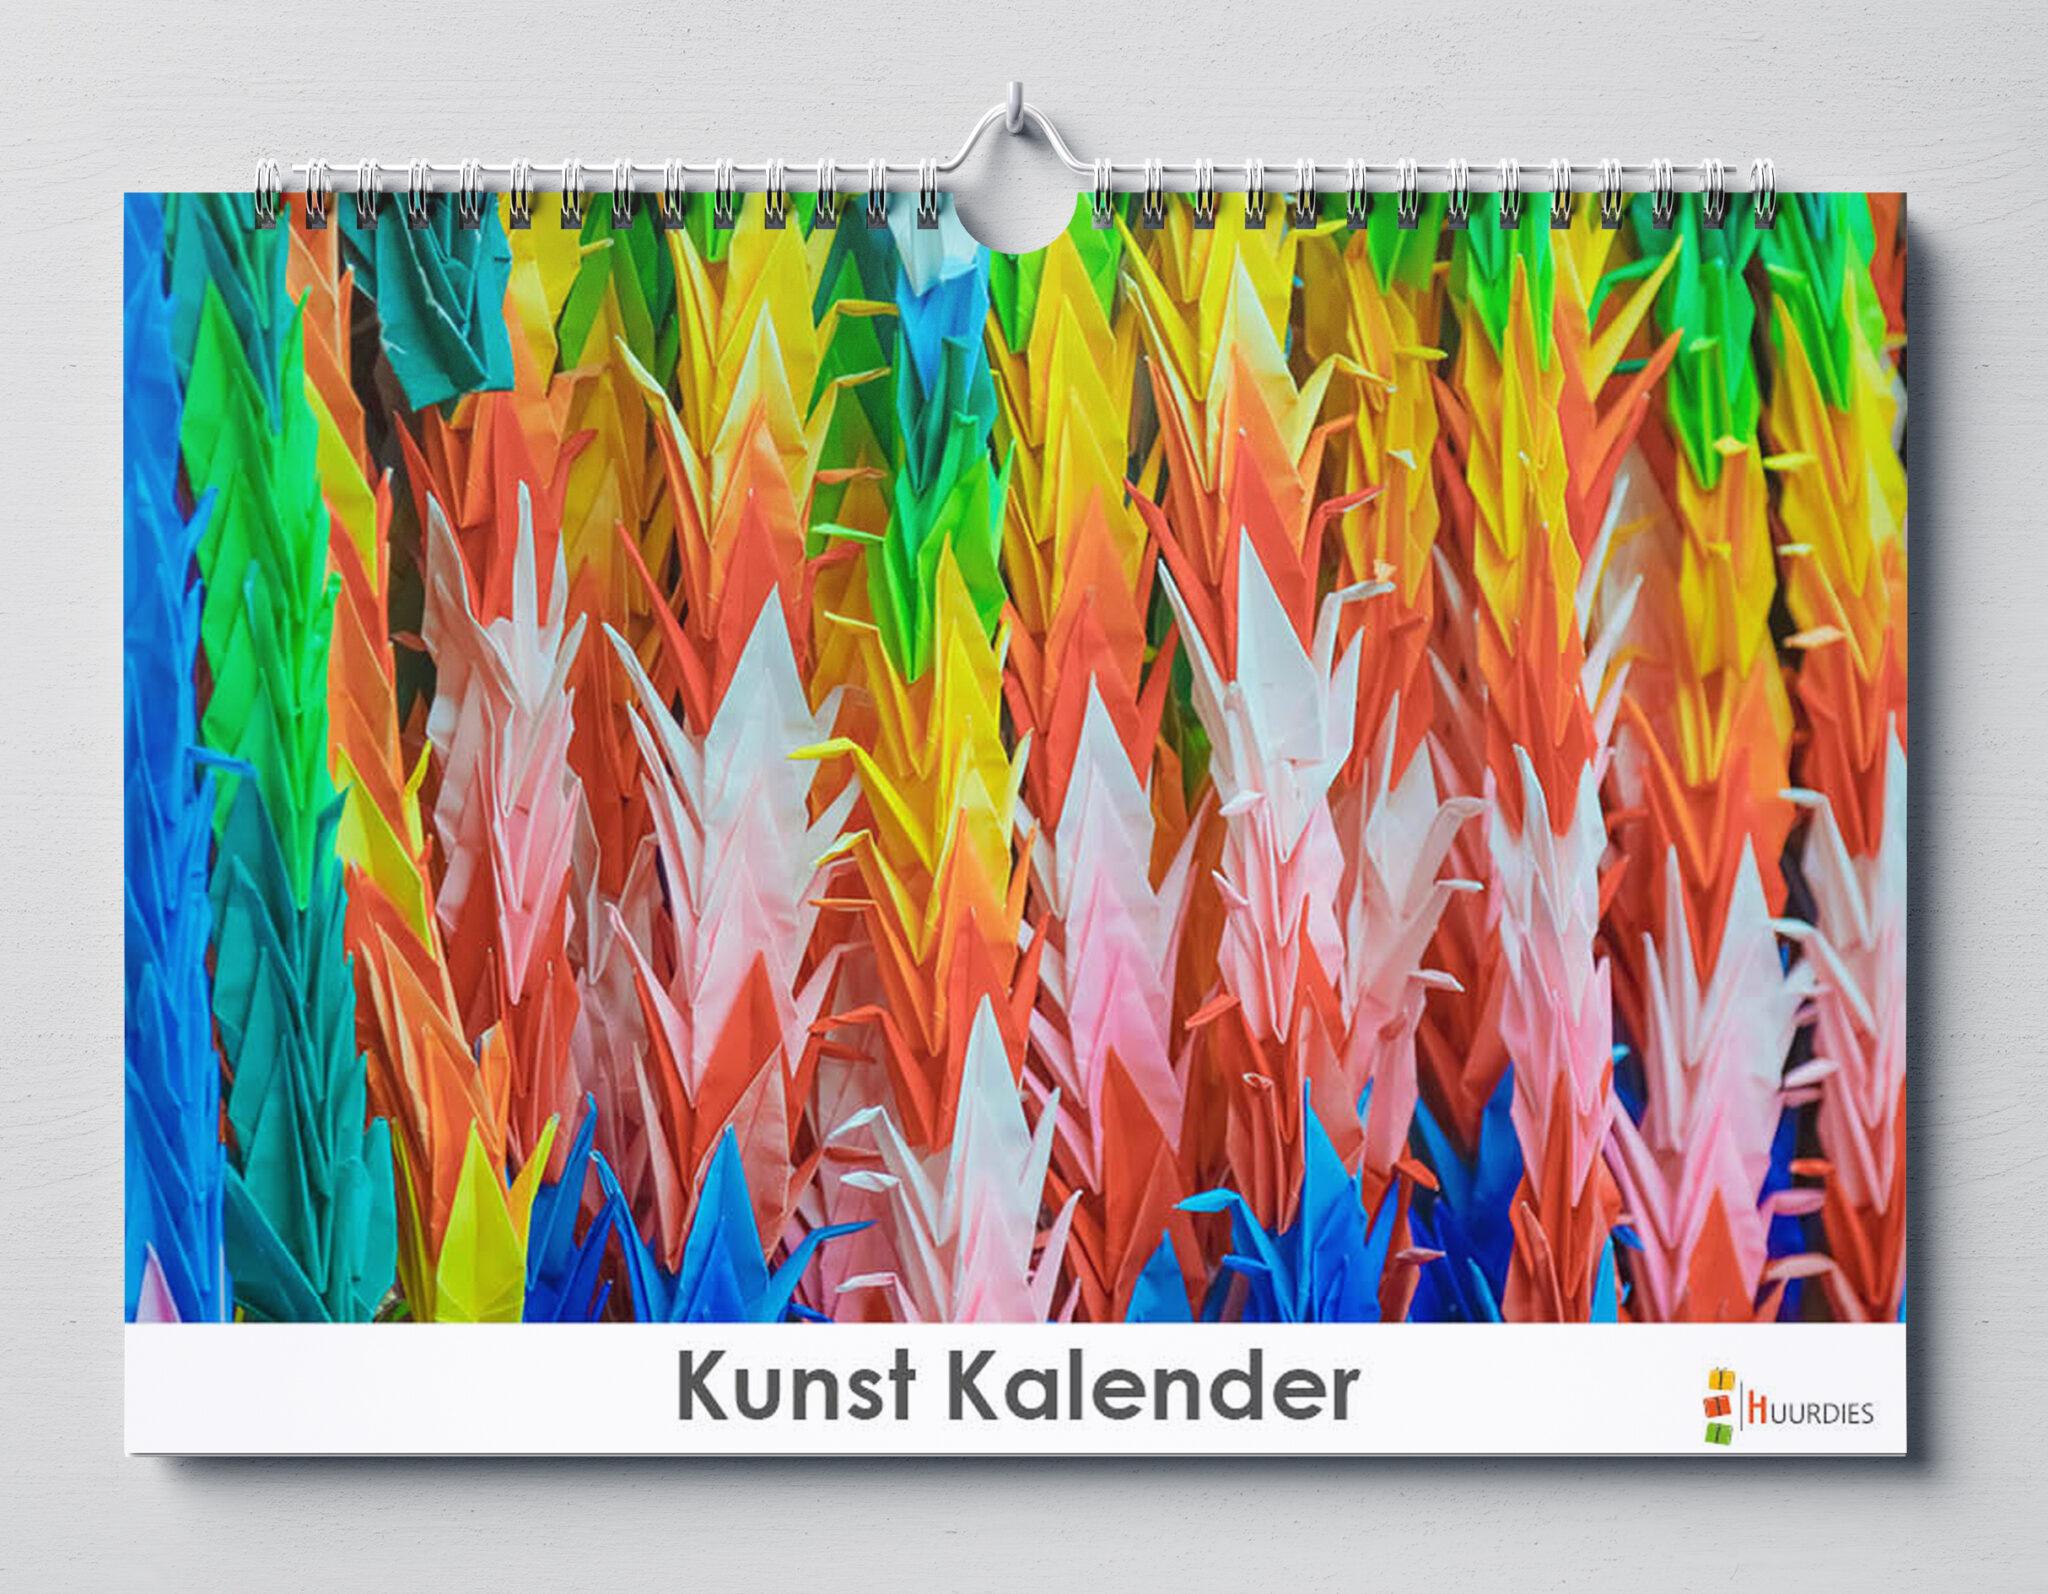 Kunst kalender A vooraanzicht